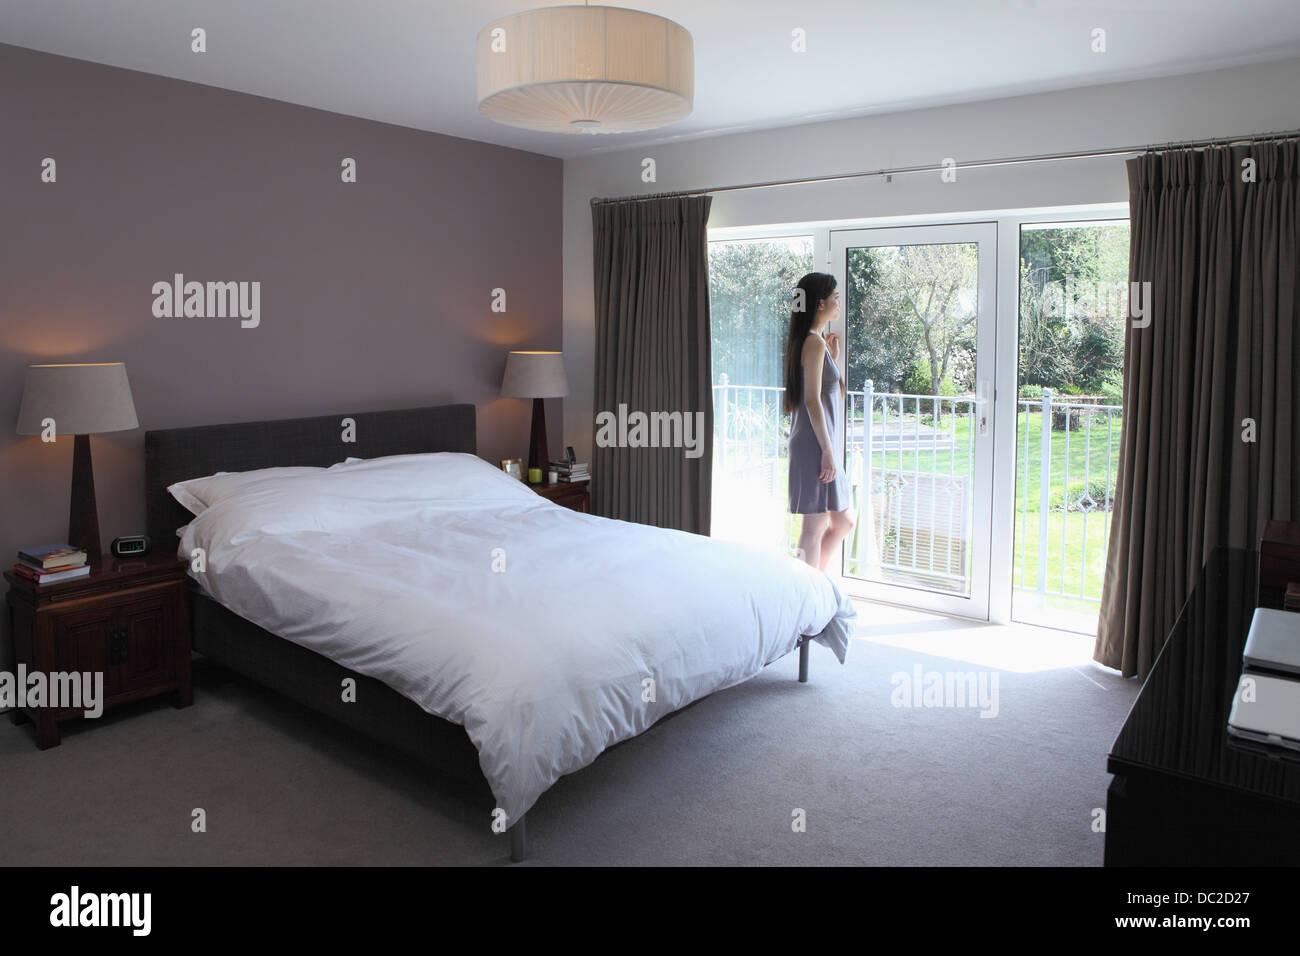 Woman looking through glass door of bedroom Stock Photo